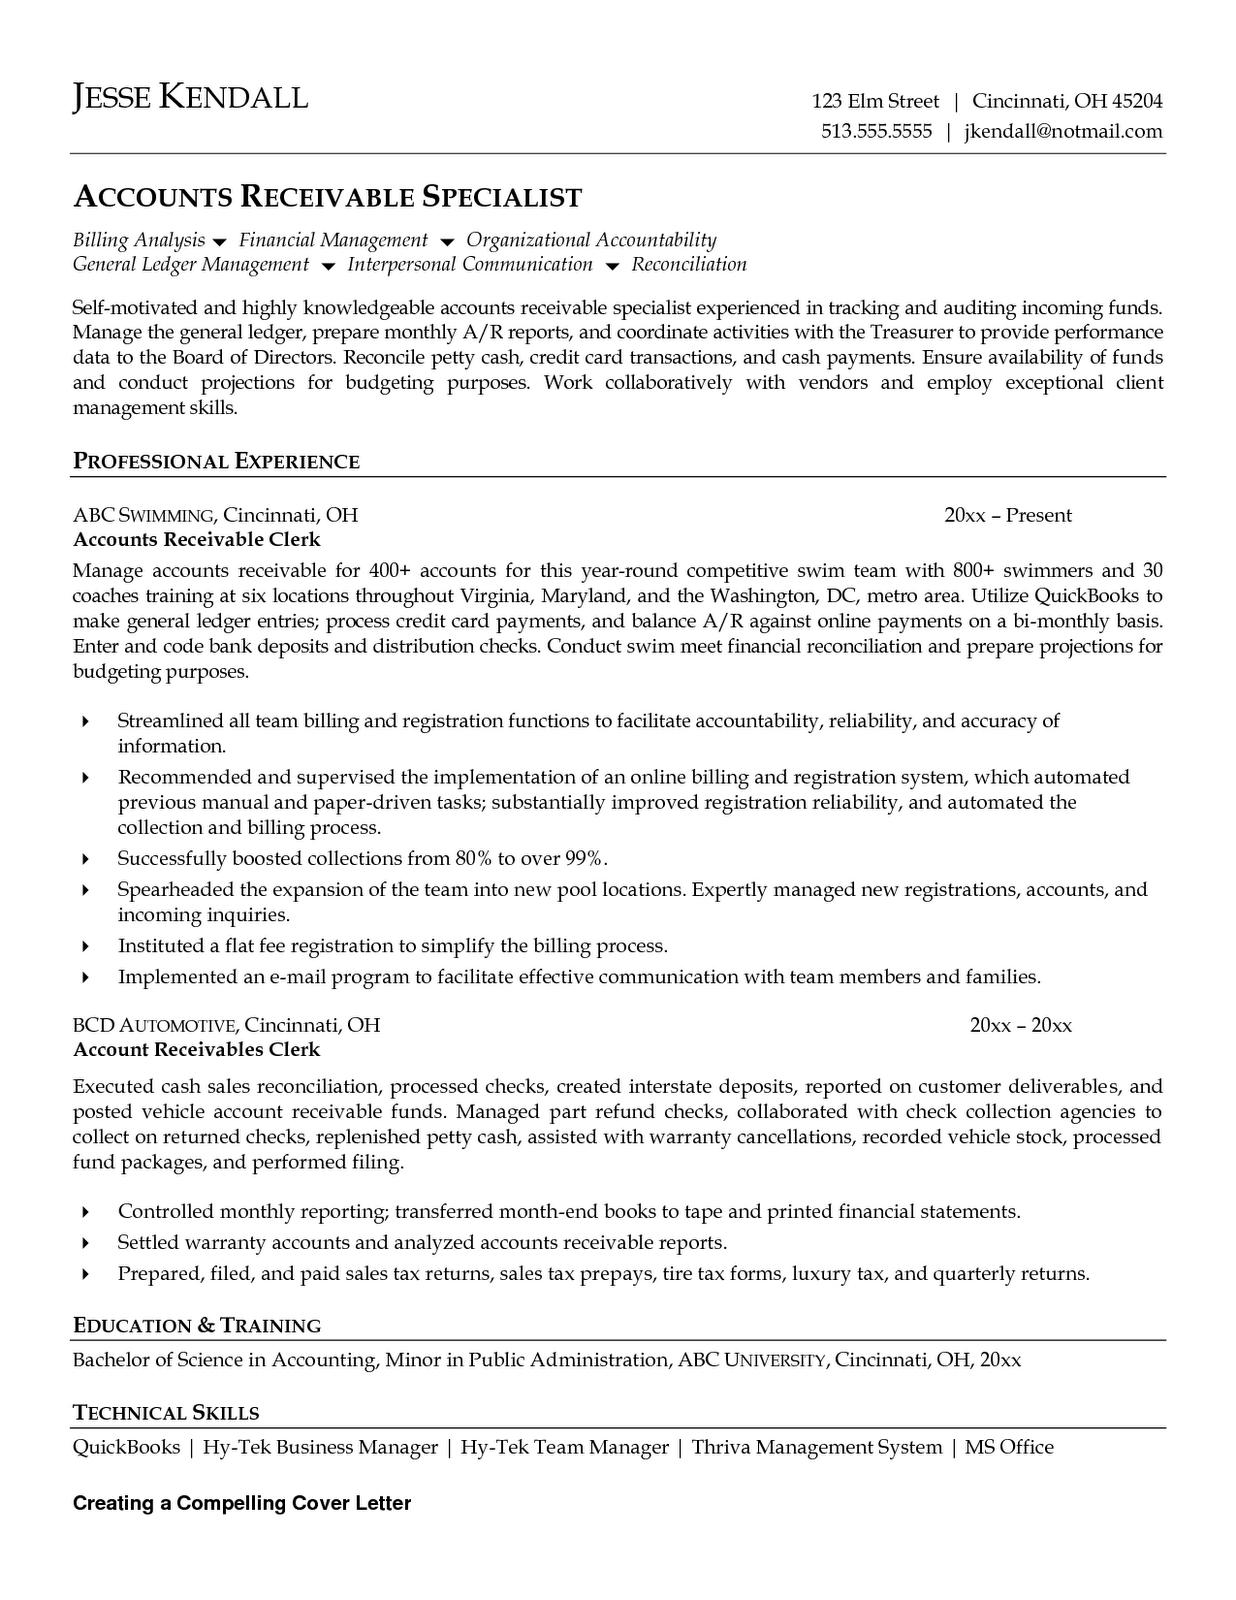 Resume Samples Purchasing Clerk Resume